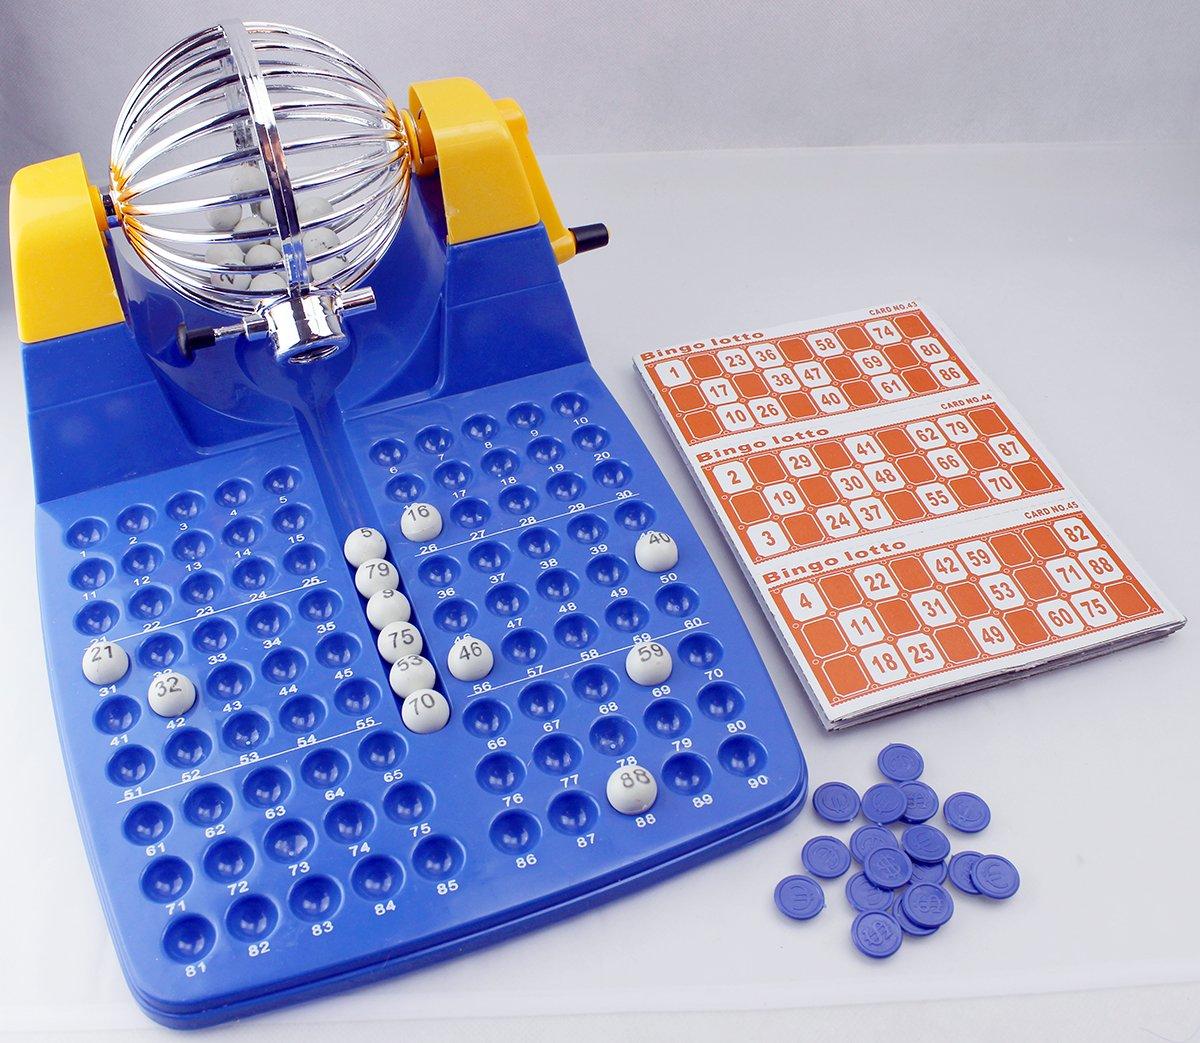 GYD-Bingo-Lottotrommel-Bingo-Spiel-mit-Lotto-und-vielem-Zubehr-Deluxe-Komplett-Set